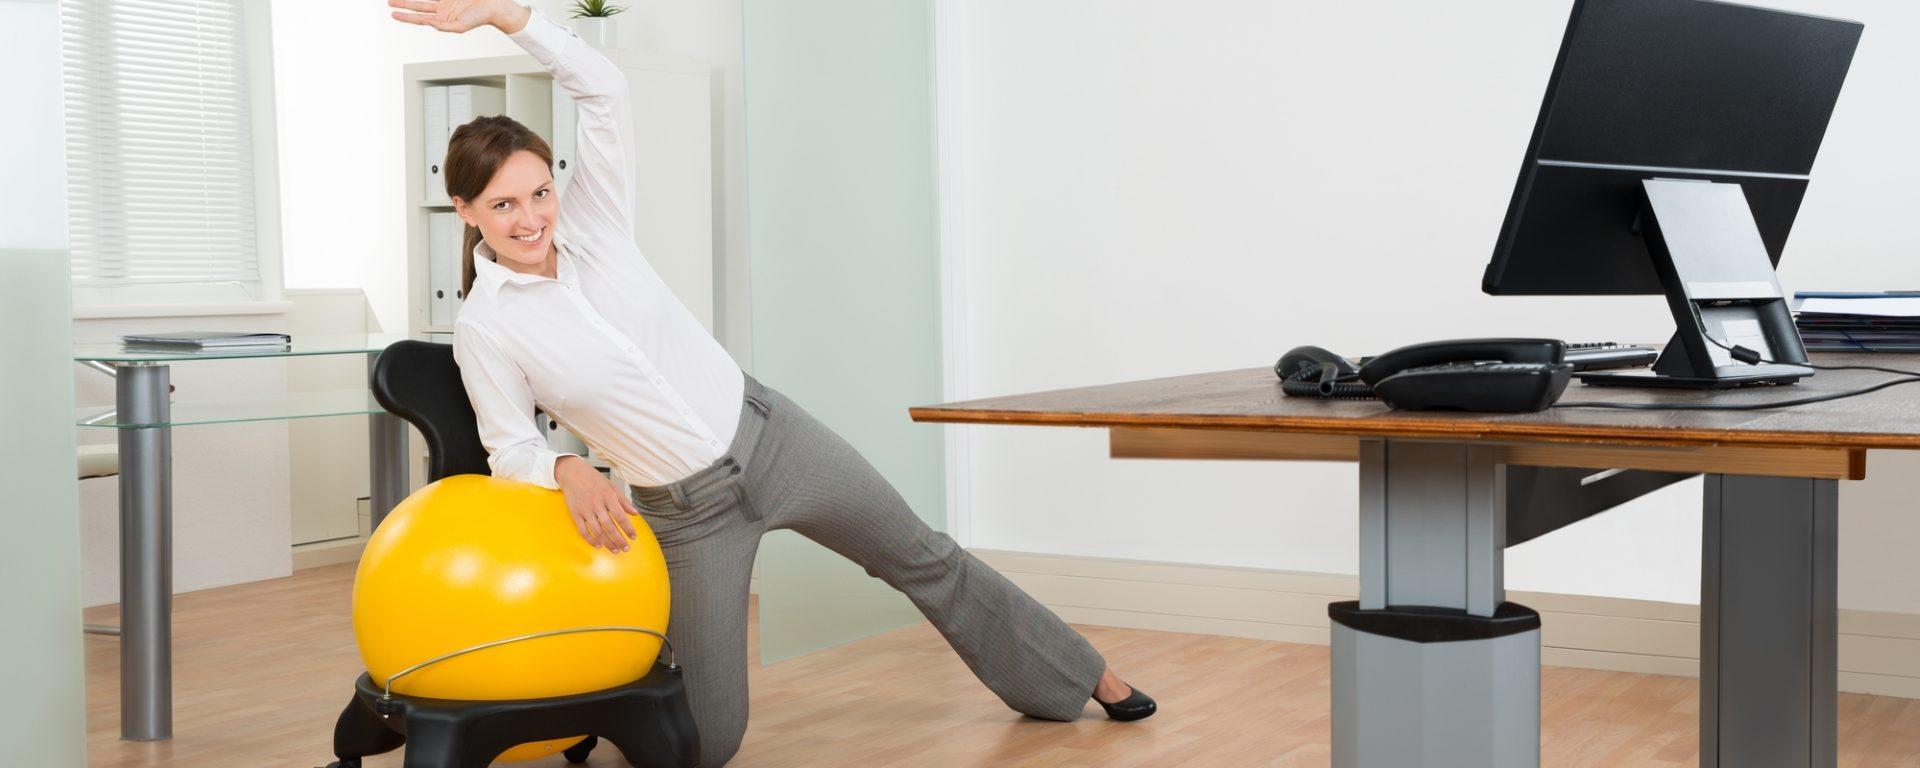 Büro-Fitness für Frauen